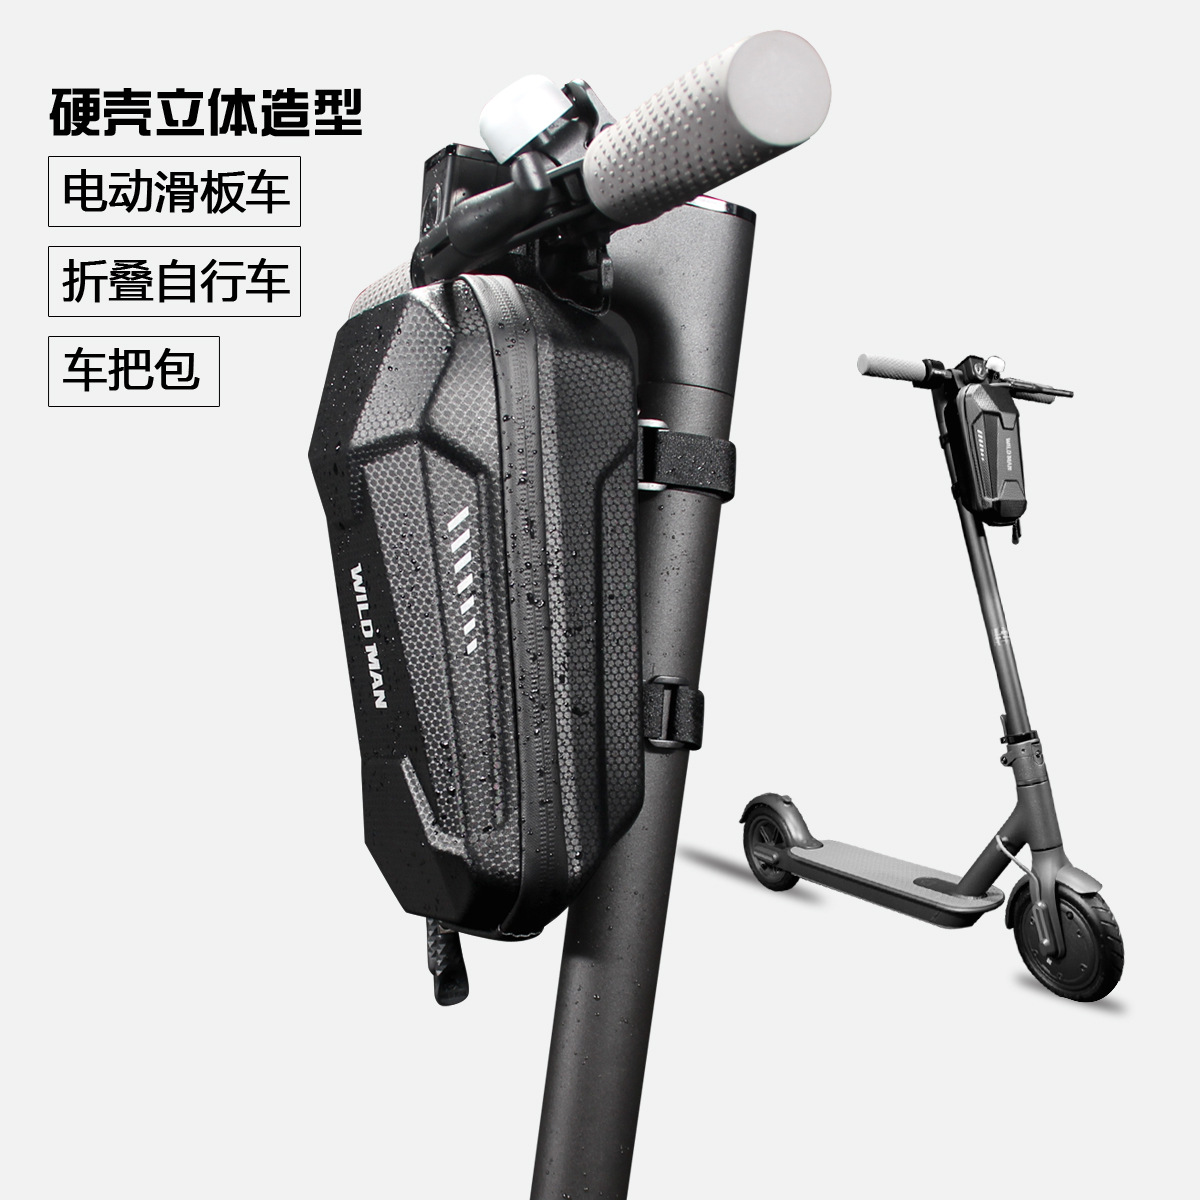 電動滑板車自行車車首包電動摺疊自行車把包EVA硬殼平衡車車頭包